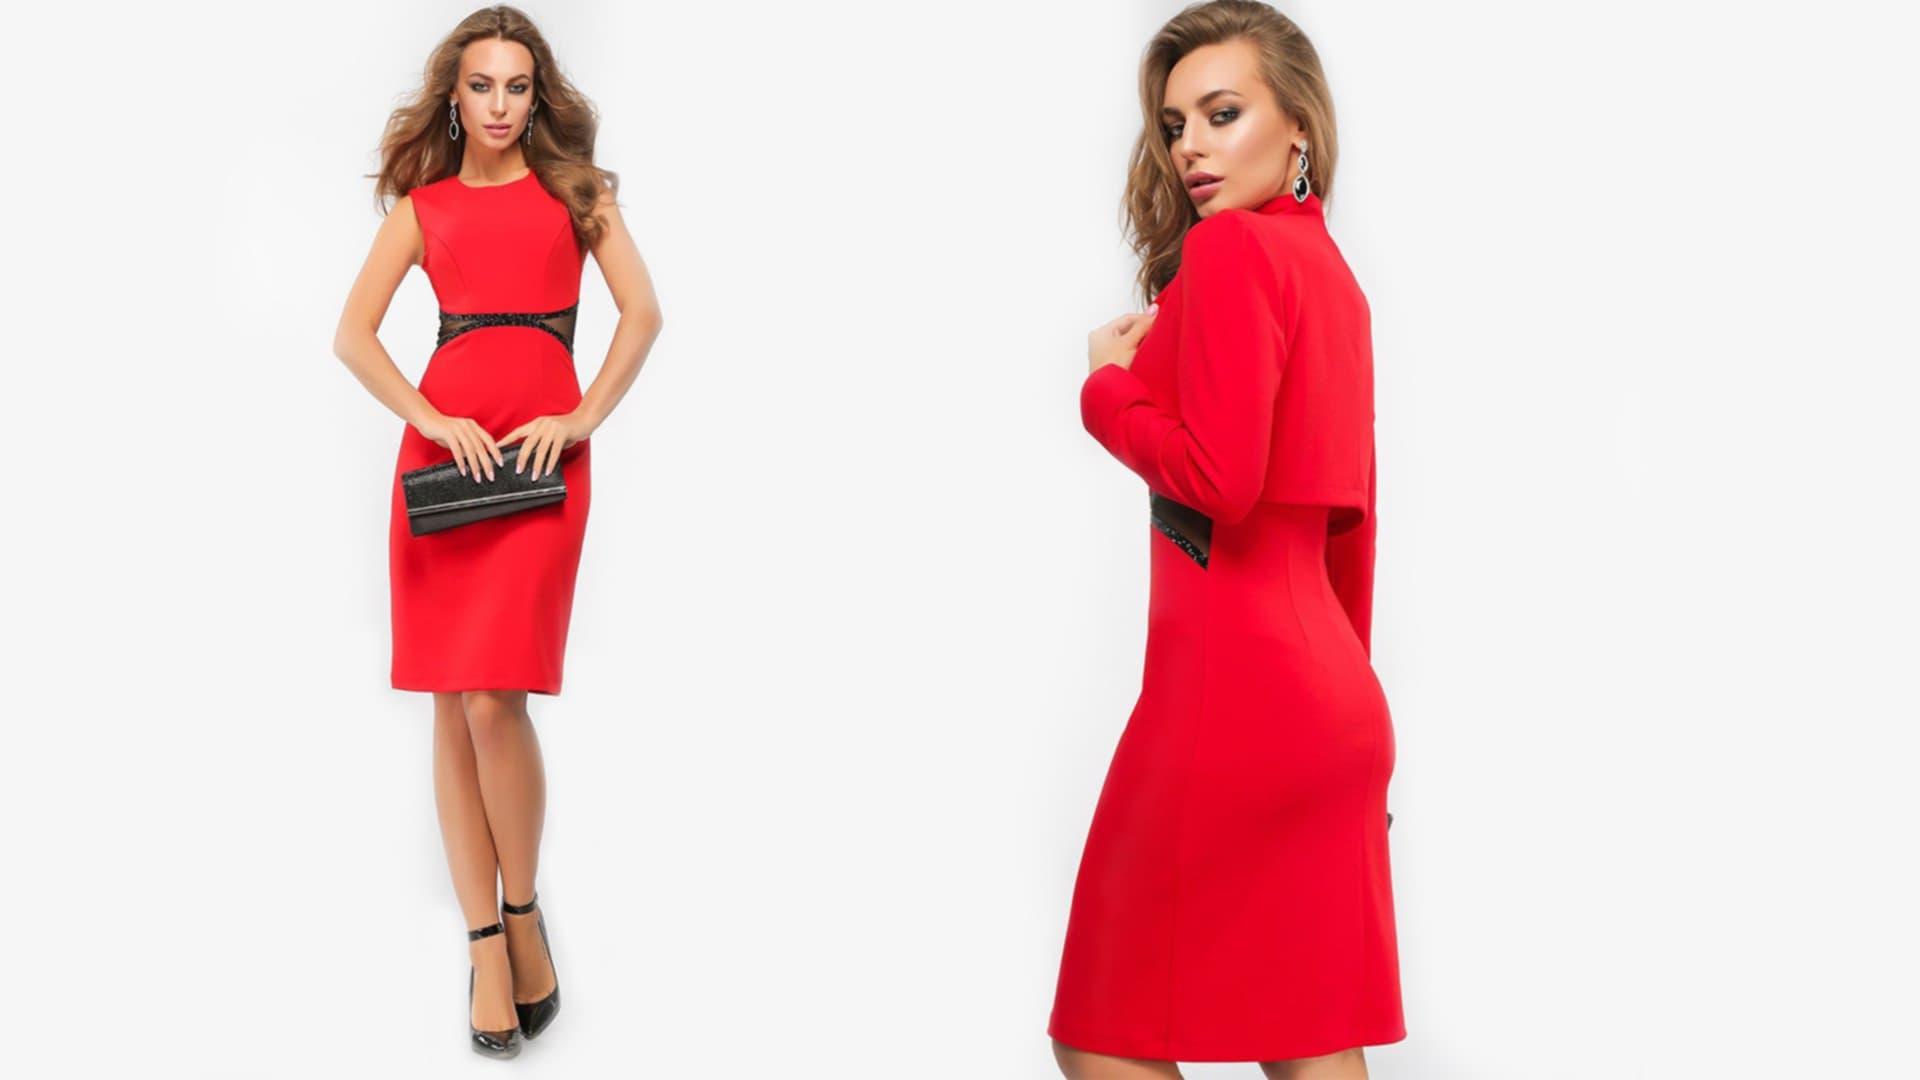 Сукні  яка довжина для якого сезону  - Жіночий журнал про моду ... 60d115ace1a61